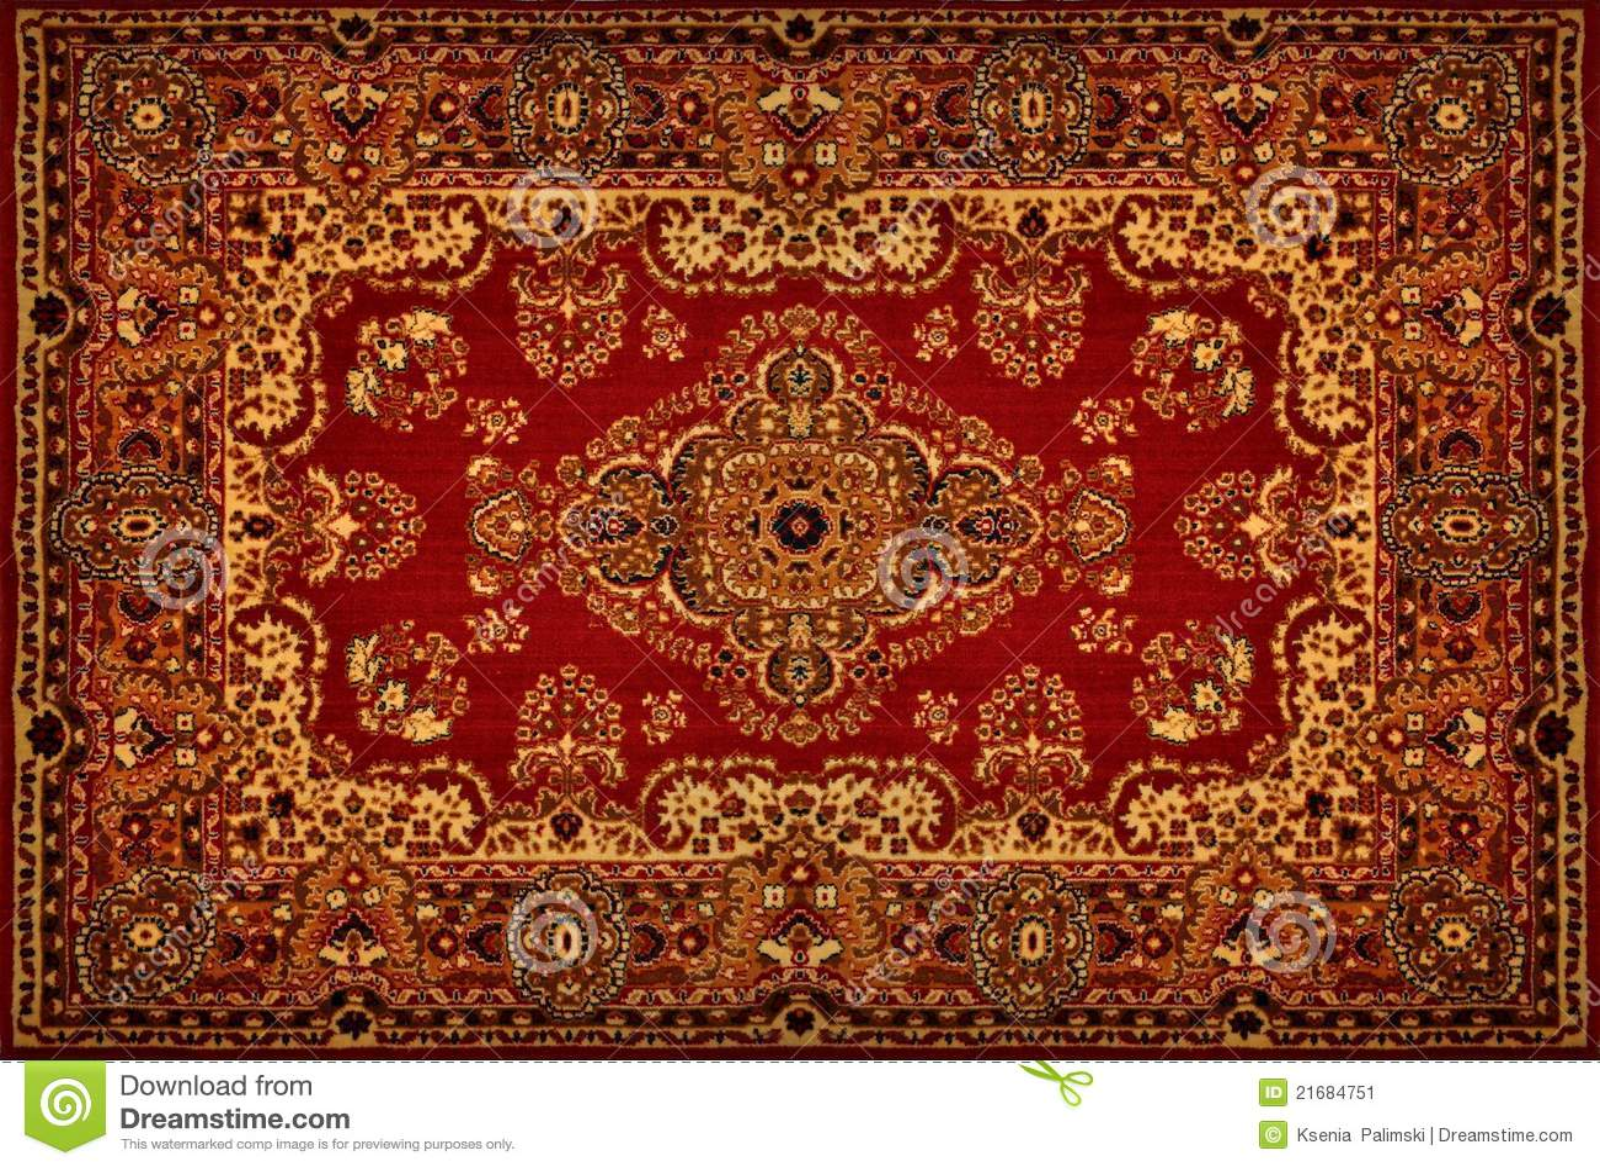 Perser teppich muster  Persischer Teppich-Beschaffenheit Stockbild - Bild: 21684751